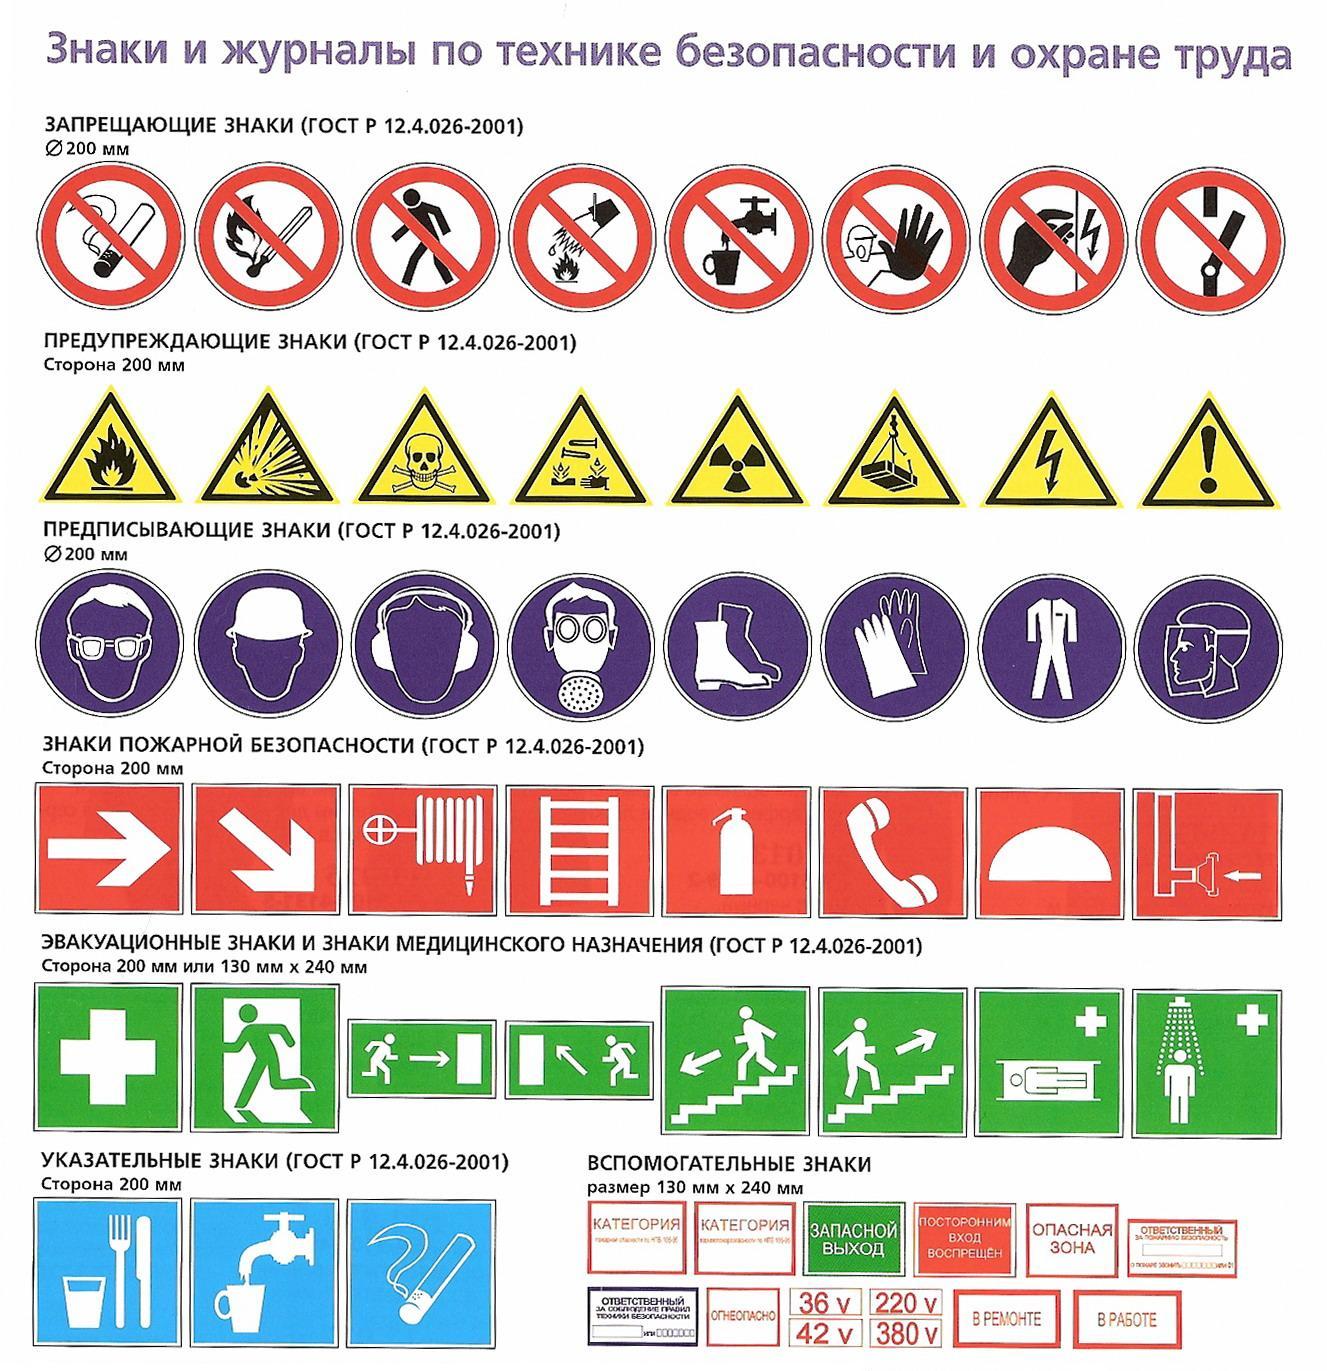 Гост для знаков по электробезопасности удостоверение допуск 5 группы по электробезопасности